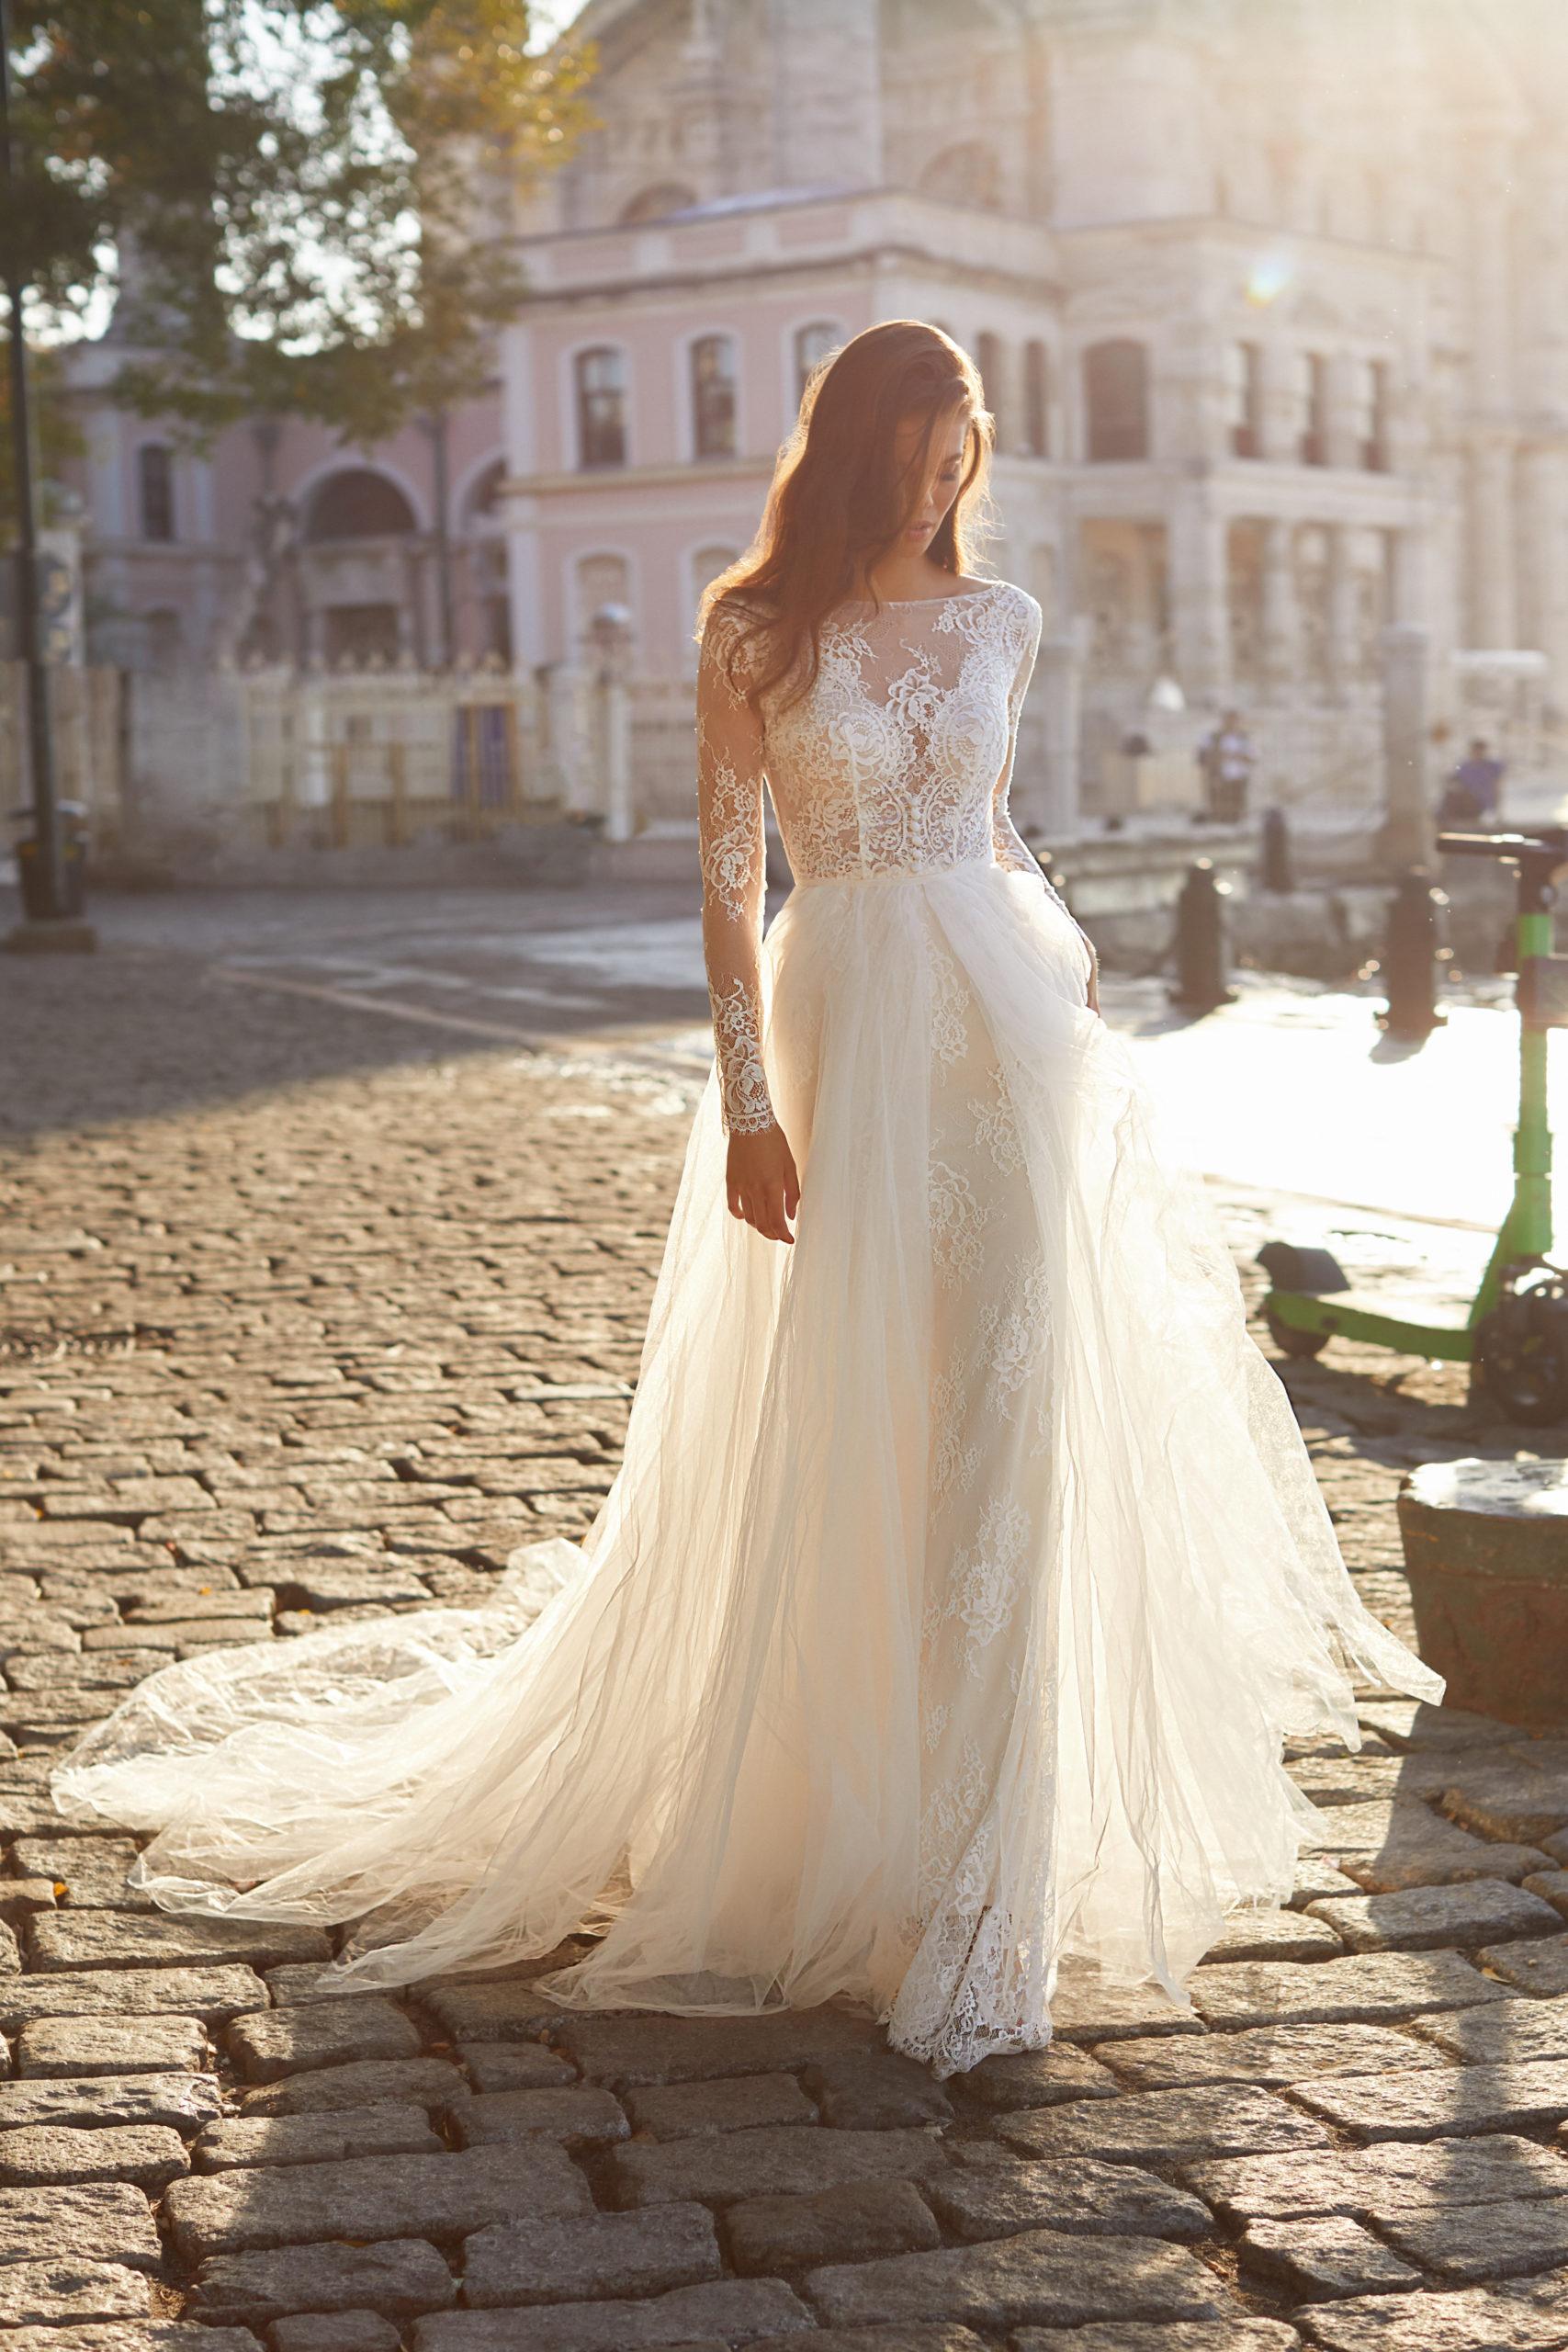 Sublimes robes de mariée à Genève écru dentelle Donna traine jupe amovible manches longues dentelle broderie féminin classe conseil